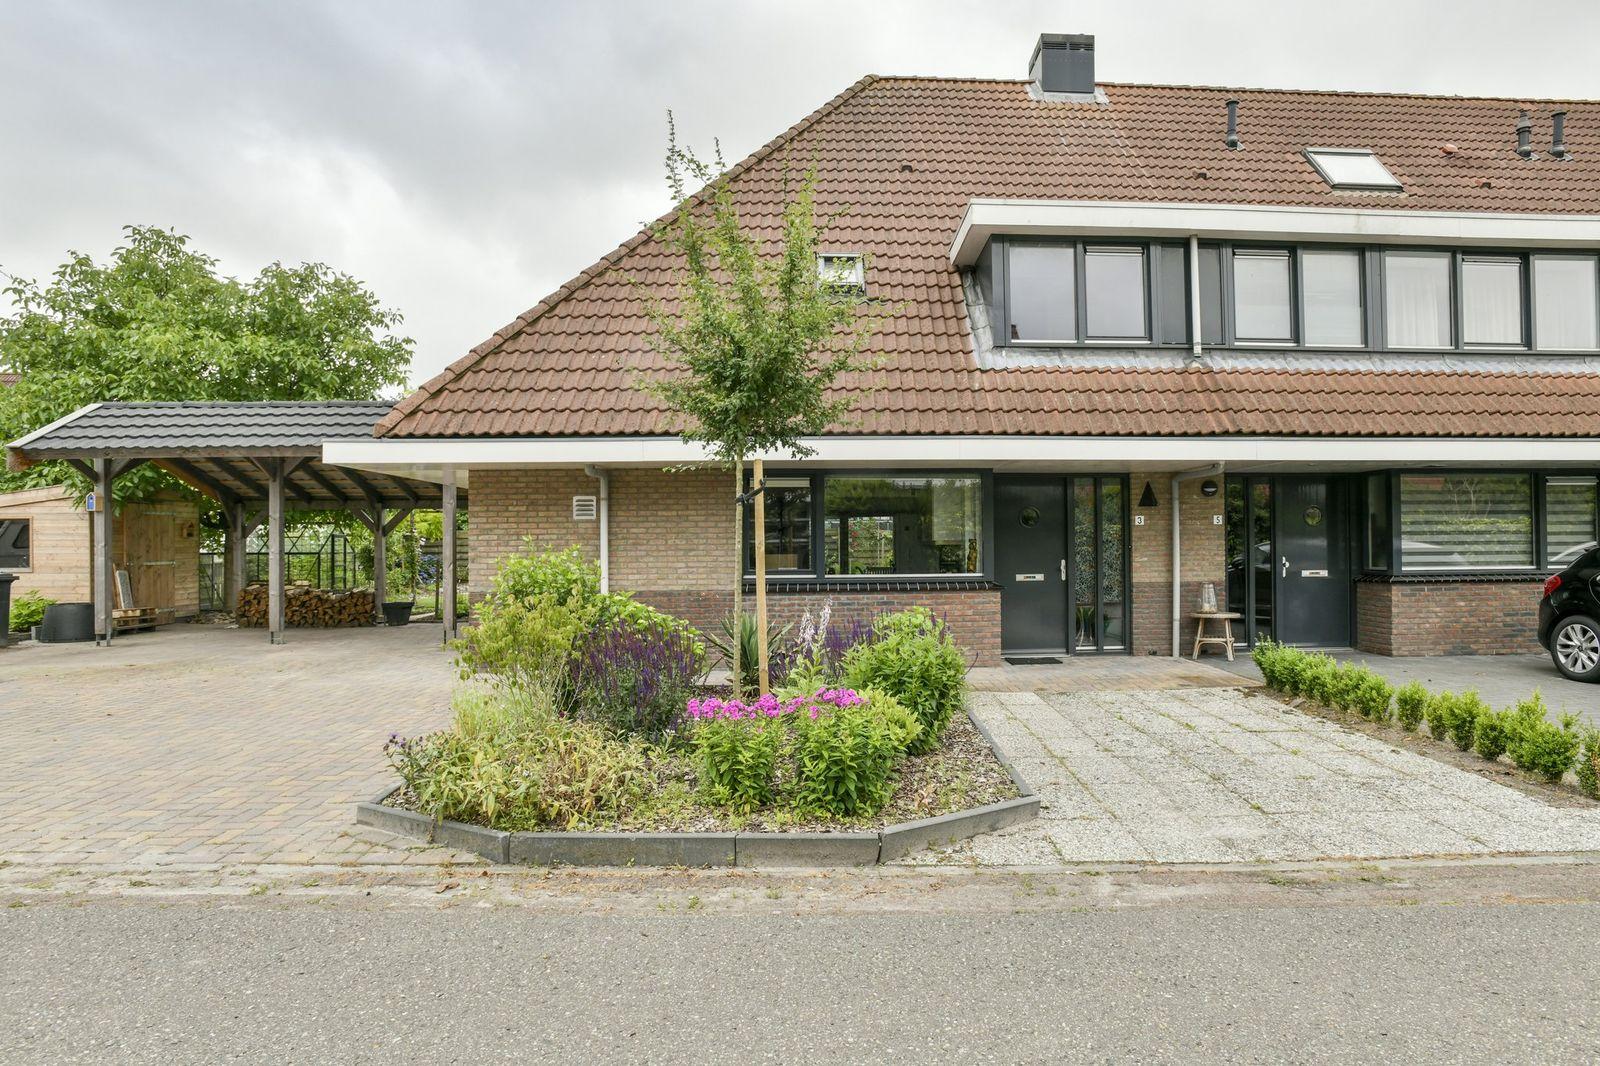 Robijndreef 3, Emmen